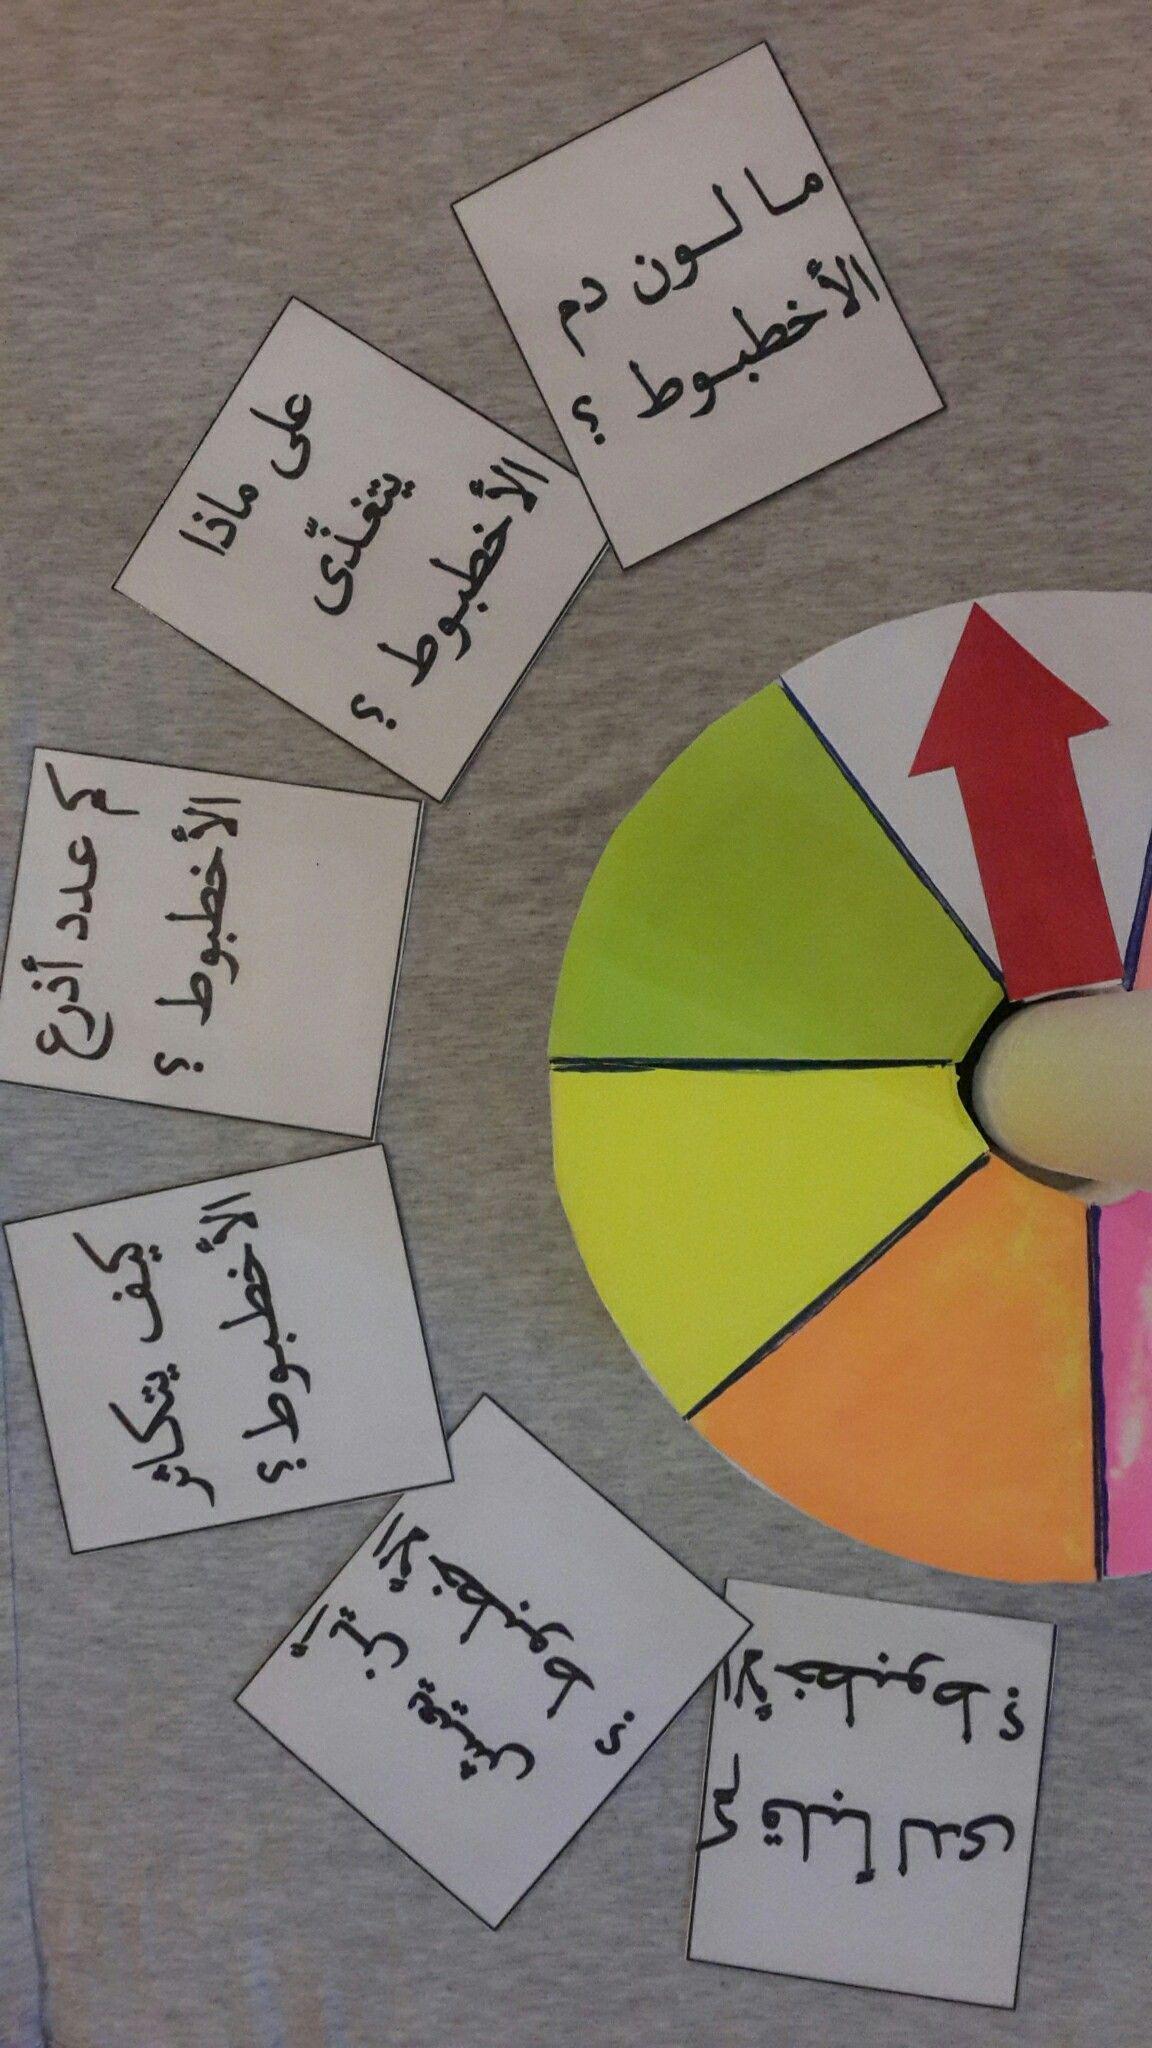 وسيلة تقييم حلقة الأخطبوط وحدة الماء عجلة الأسئلة يدير الاطفال العجلة حتى يتوقف السهم عند احد الأسئلة Fish Crafts Arabic Worksheets Learning Arabic